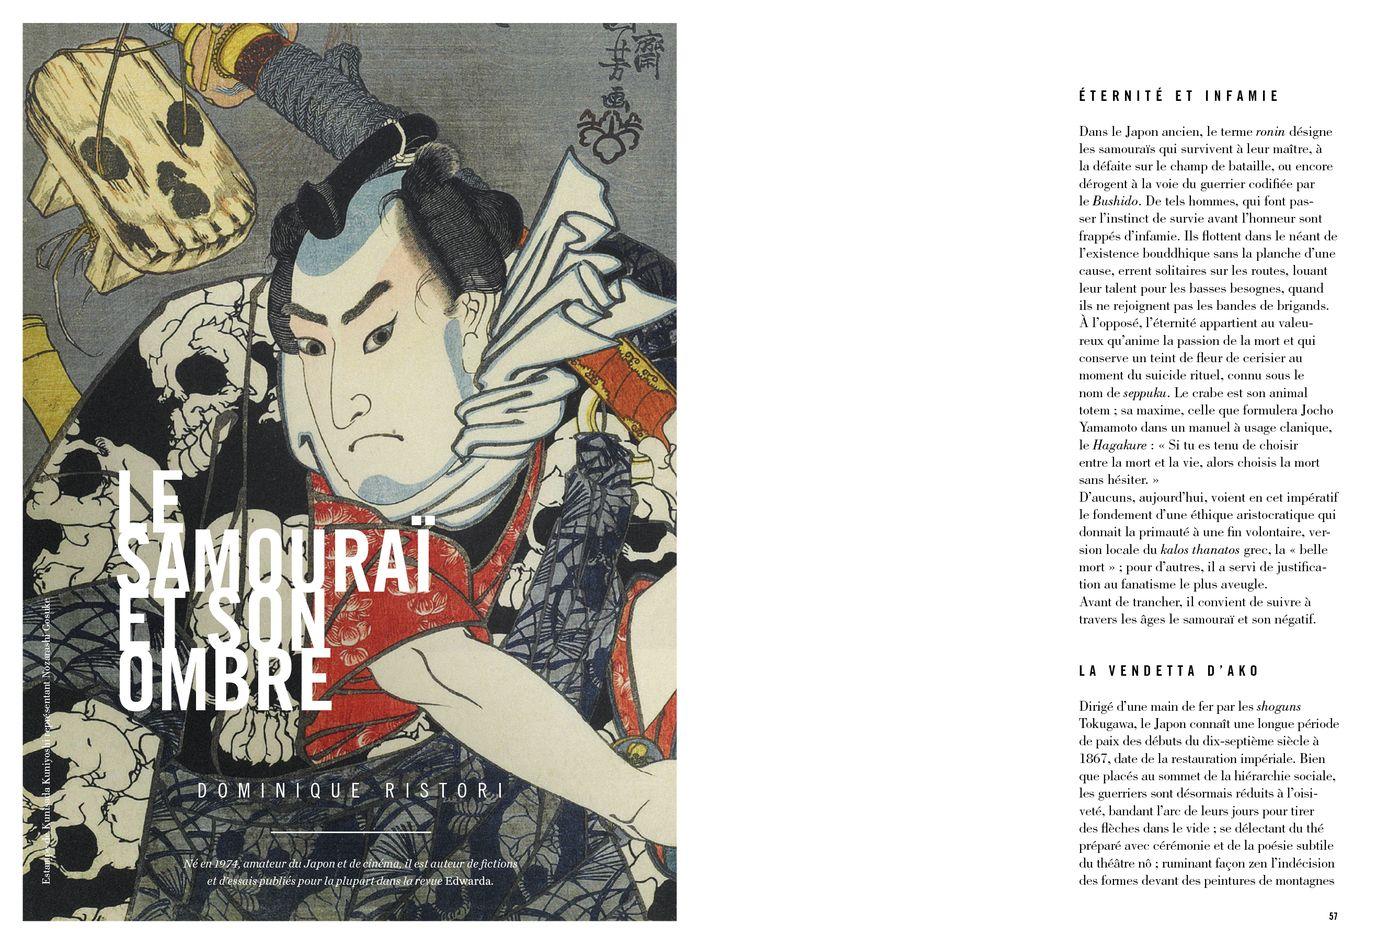 Possession Immédiate Volume 5 - Texte de Dominique Ristori, Le Samouraï et son ombre